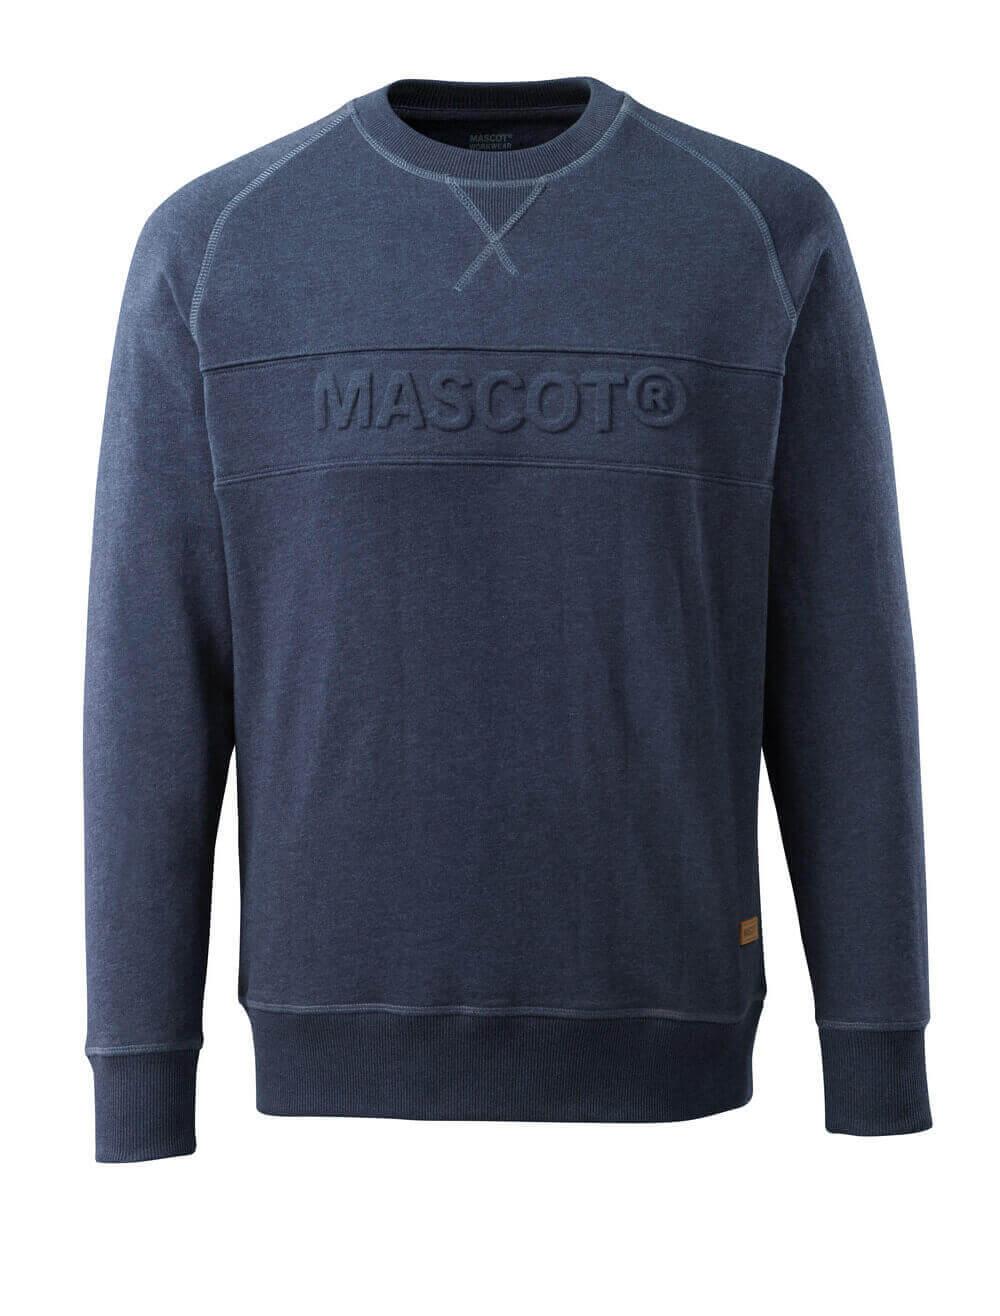 17184-830-66 Sweatshirt - washed dark blue denim